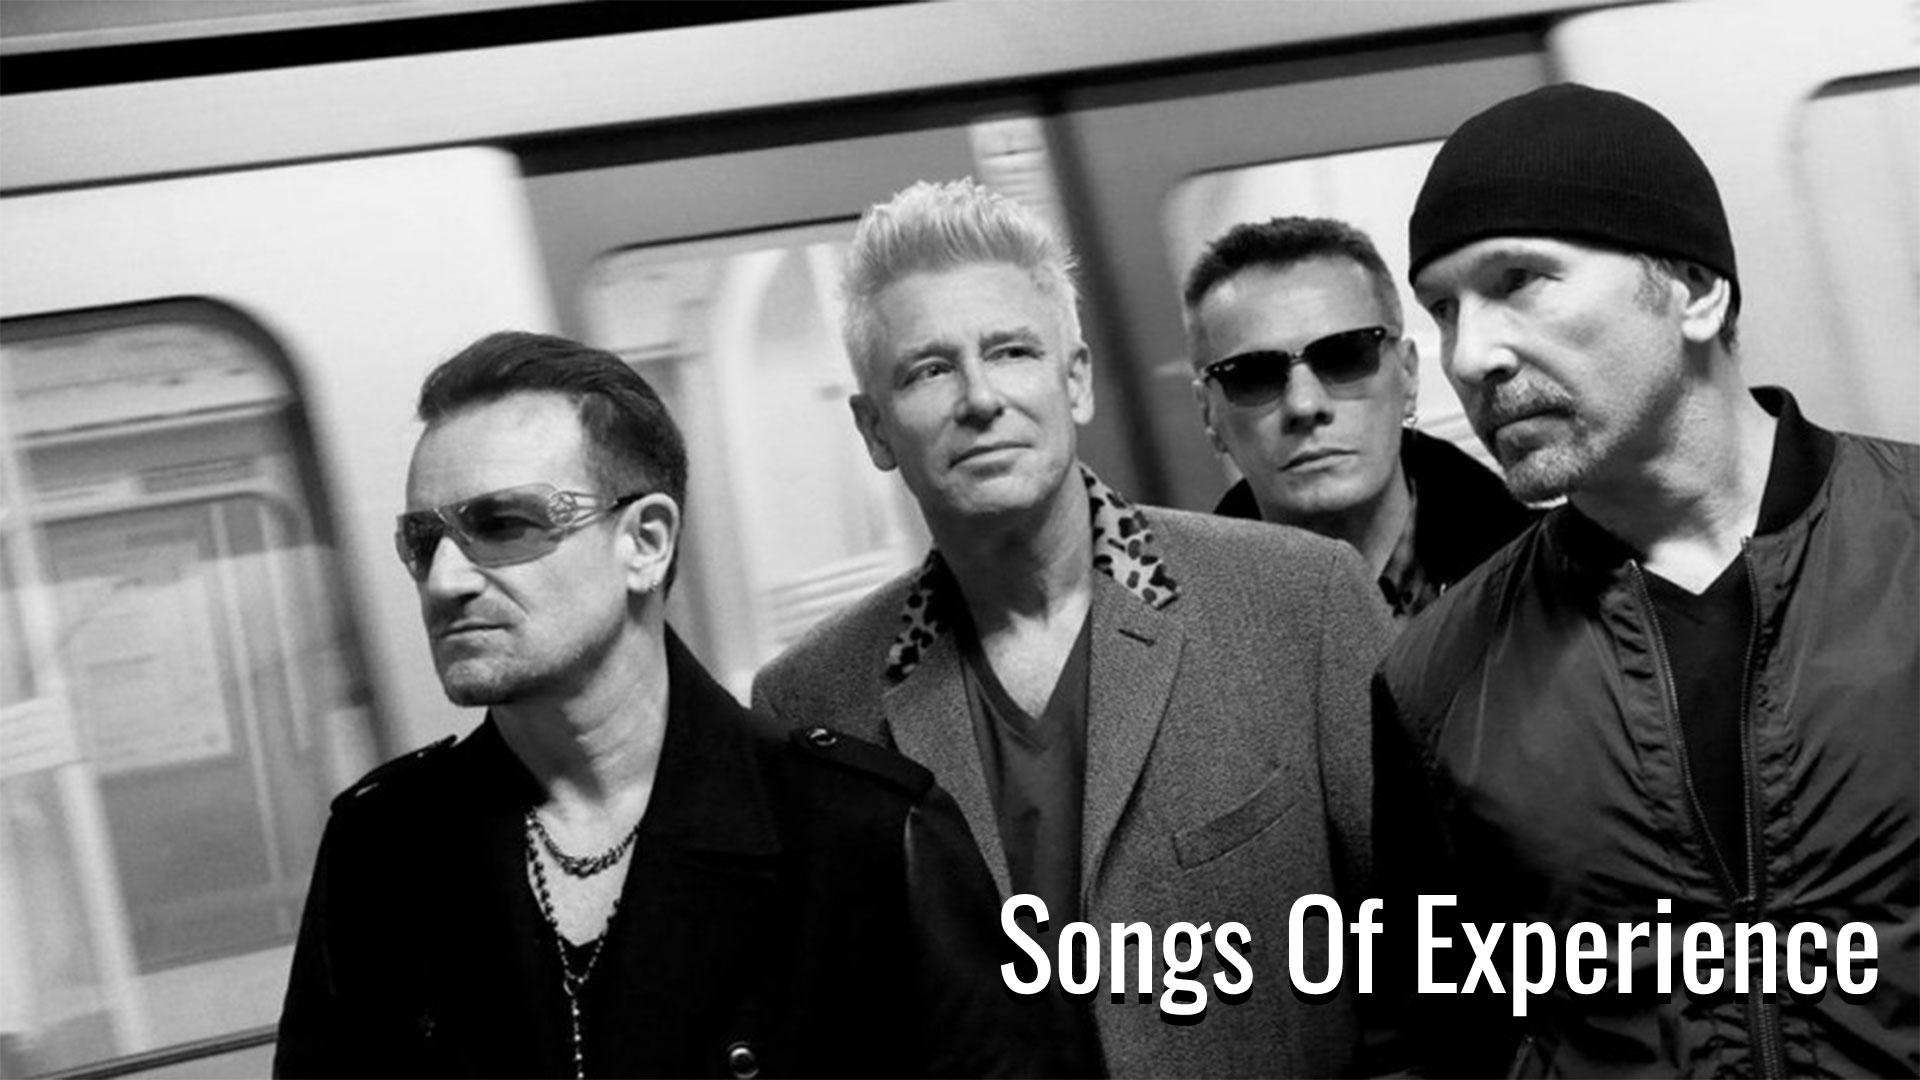 Songs Of Experience il nuovo album degli U2